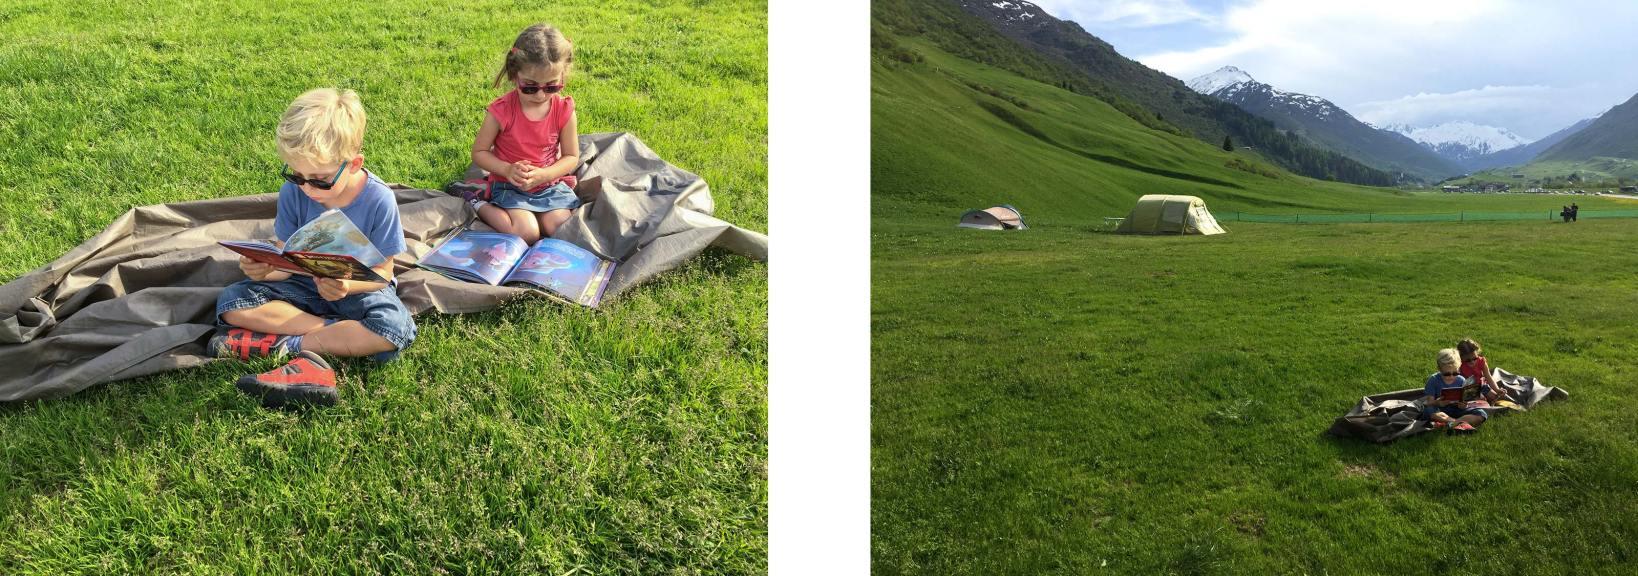 Andermatt-camping